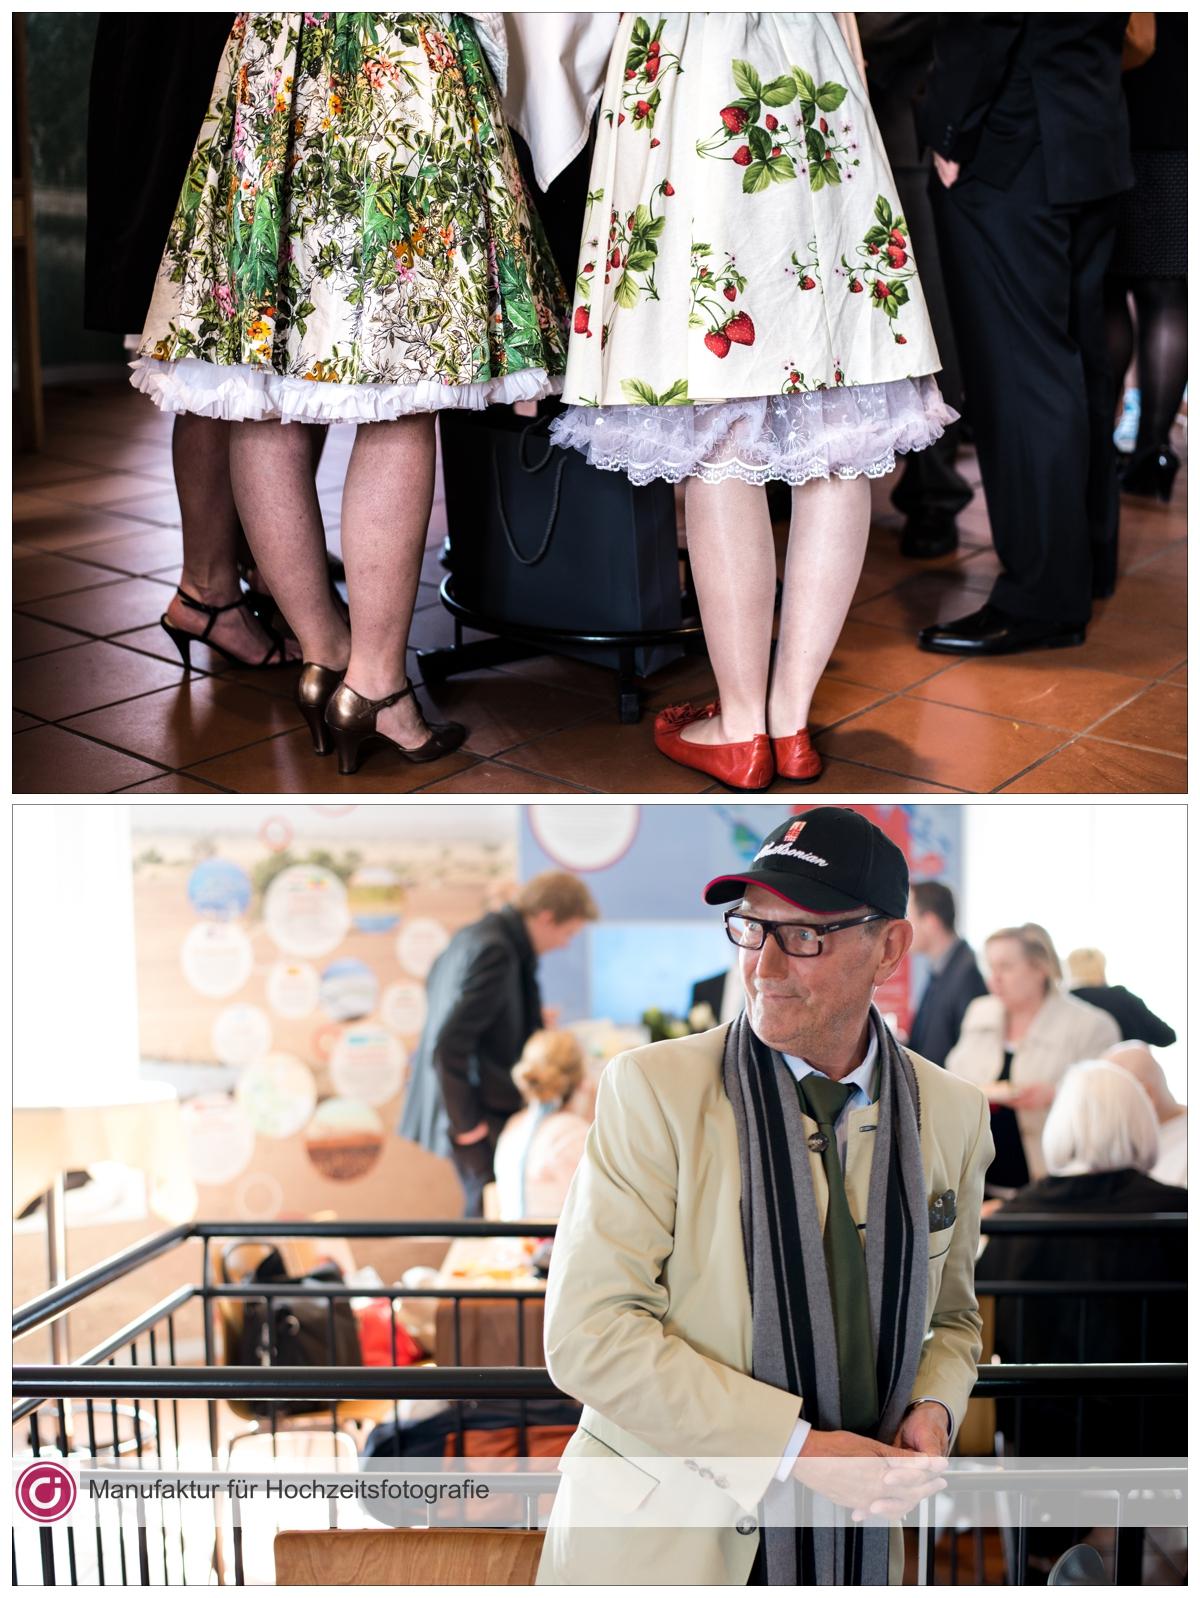 Hochzeitsfotografie Lueneburg Hochzeitsfotograf Berlin Hamburg Zuerich-21